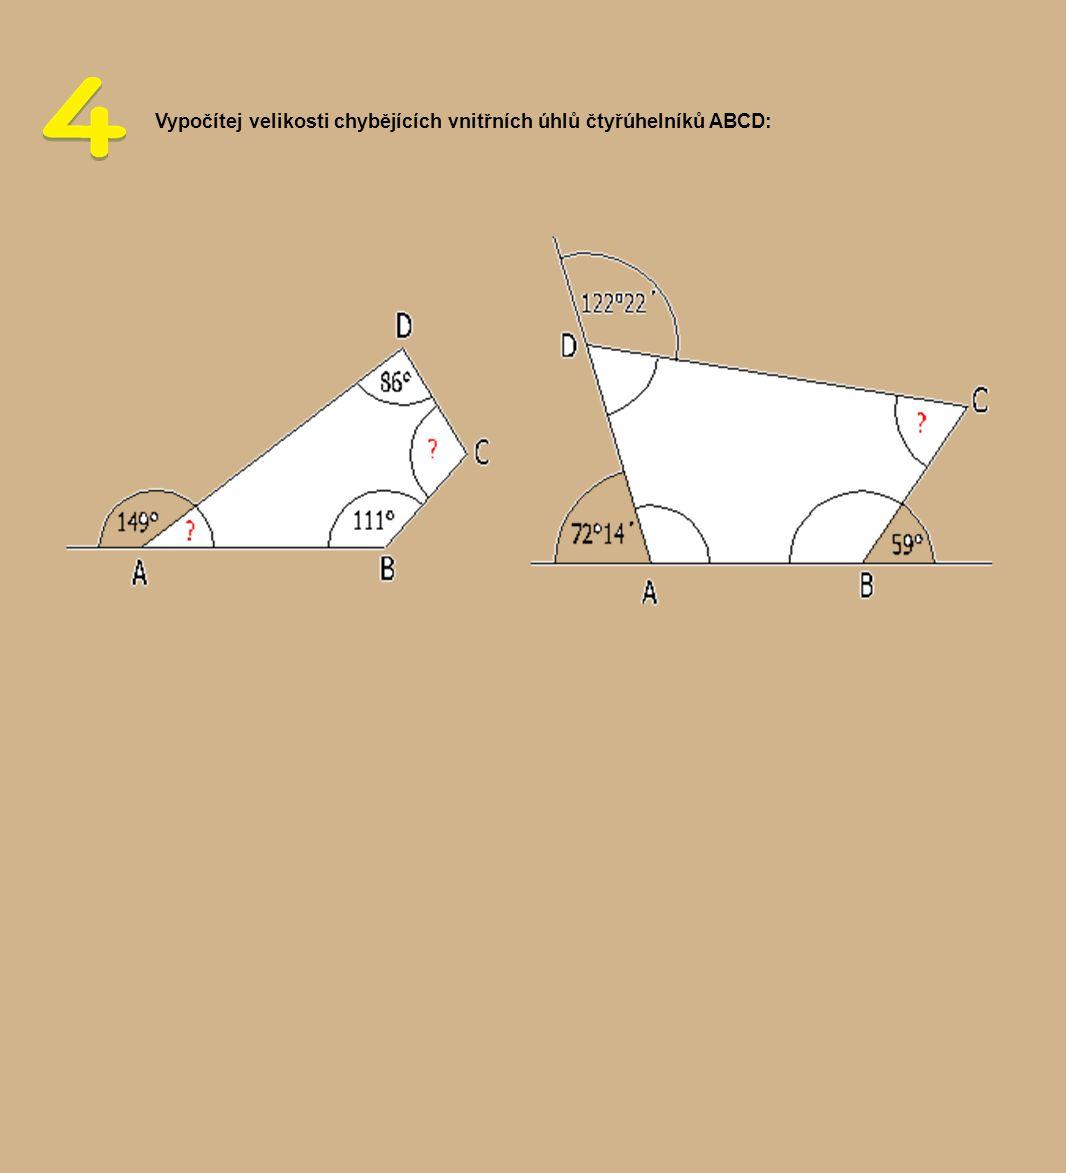 Vypočítej velikosti chybějících vnitřních úhlů čtyřúhelníků ABCD: